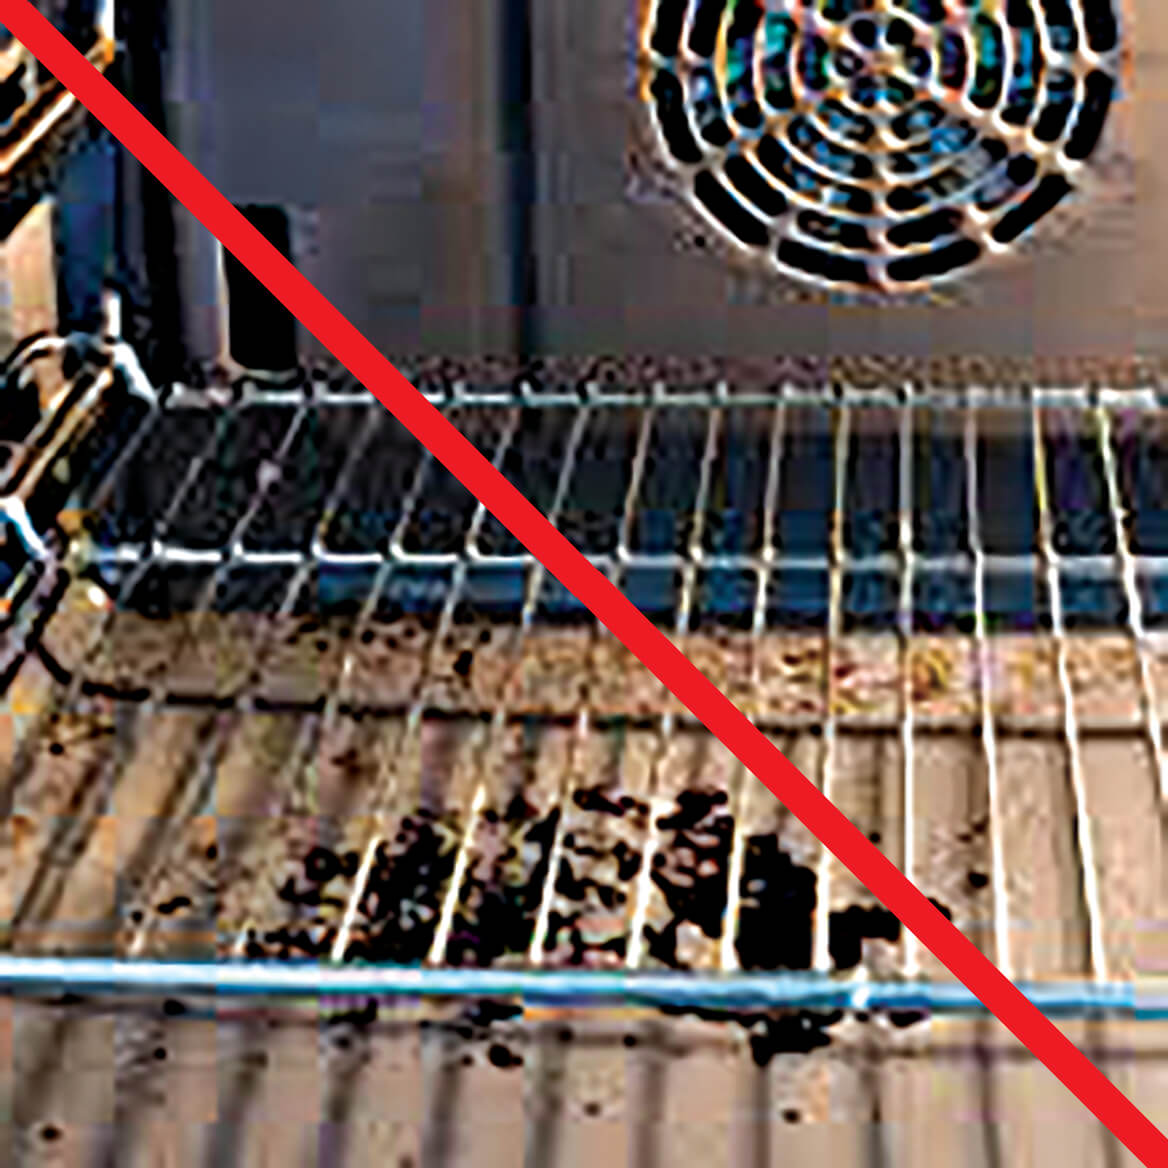 Nonstick Oven Liner-312991